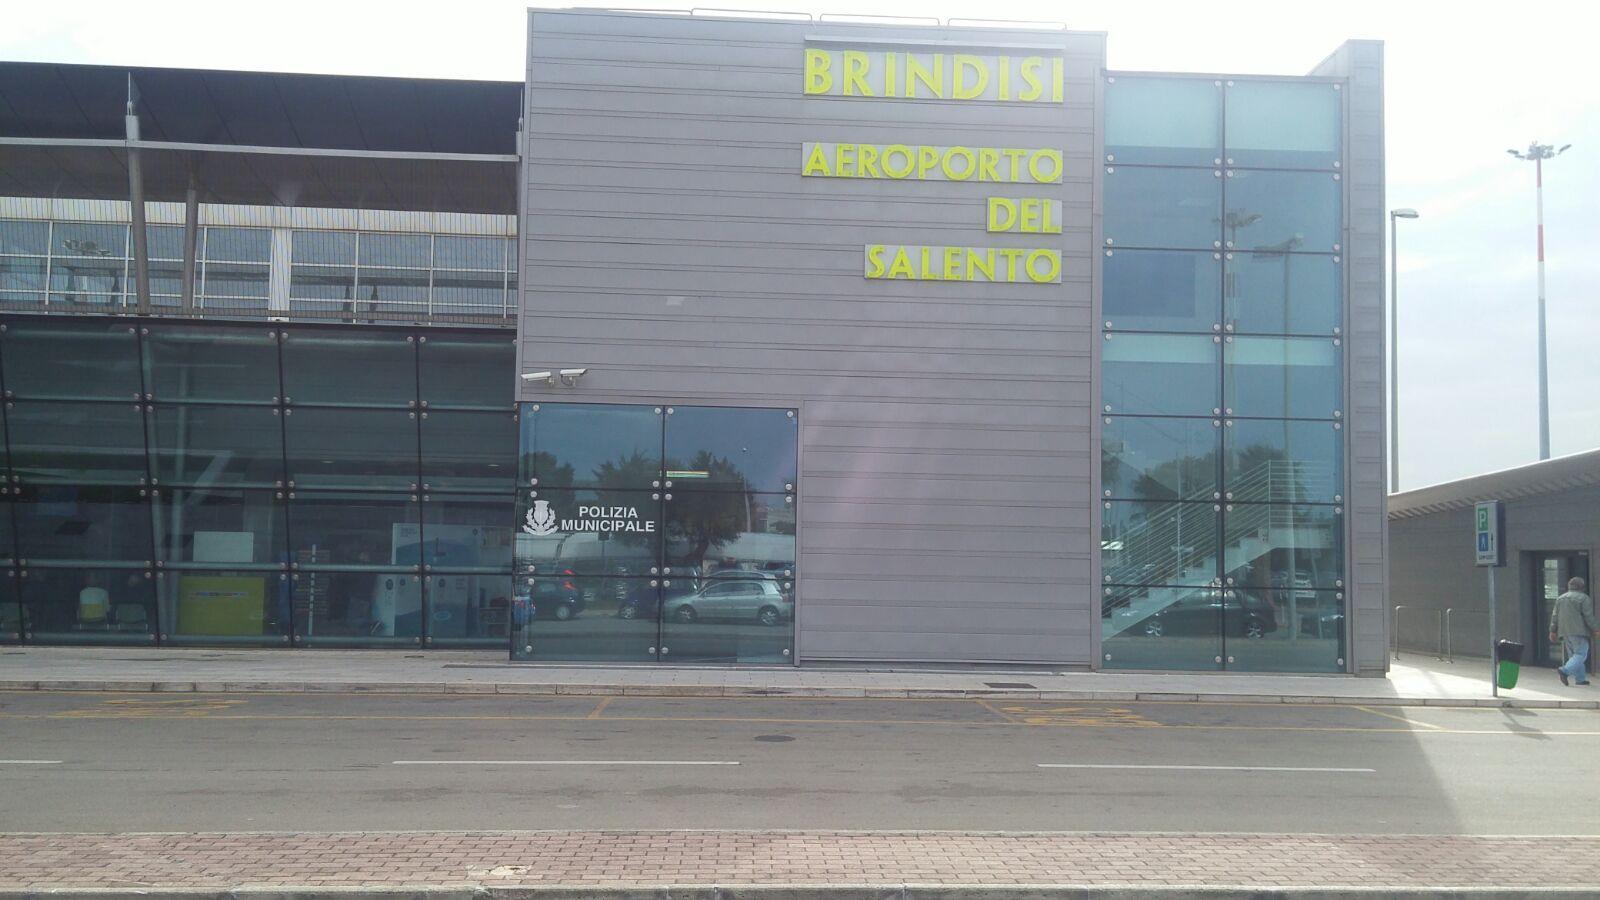 Aeroporto Bari : Aeroporti a giugno passeggeri in crescita su brindisi e bari